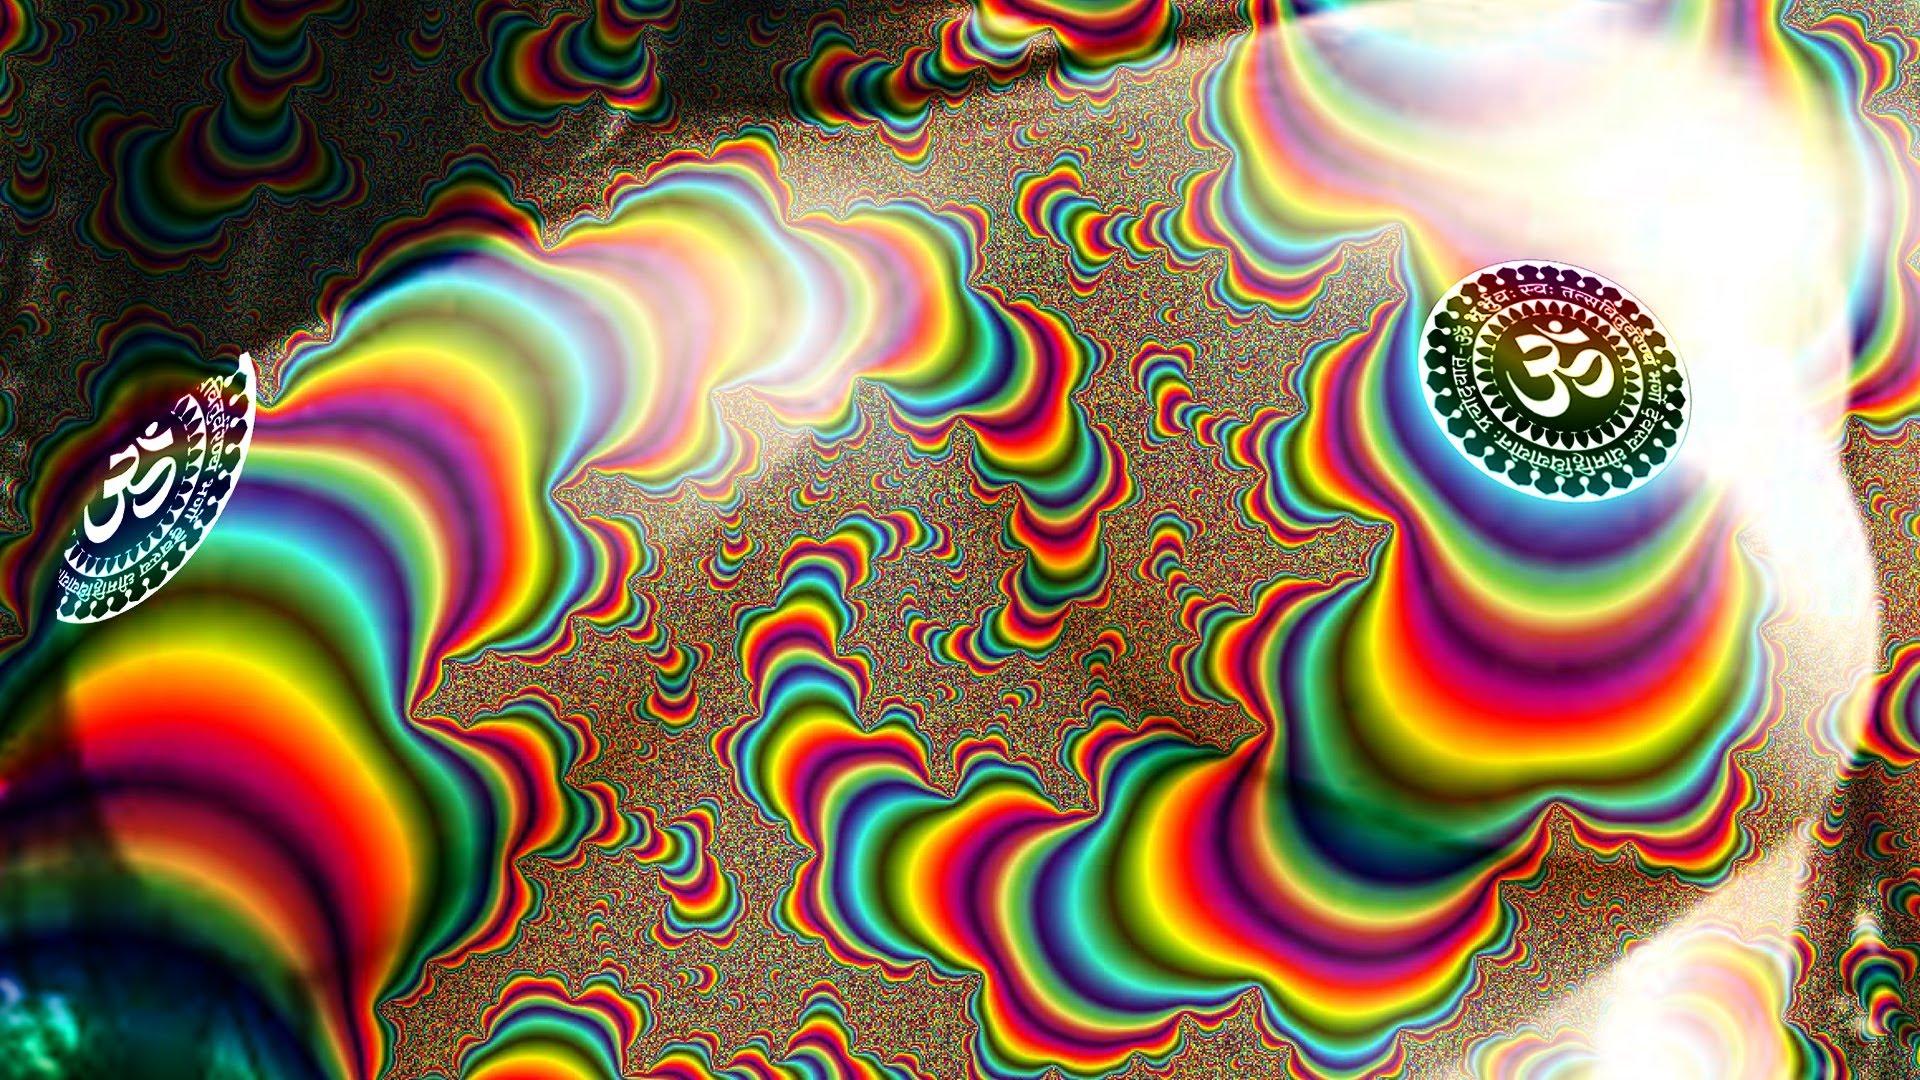 Psychedelic Wallpaper Titties